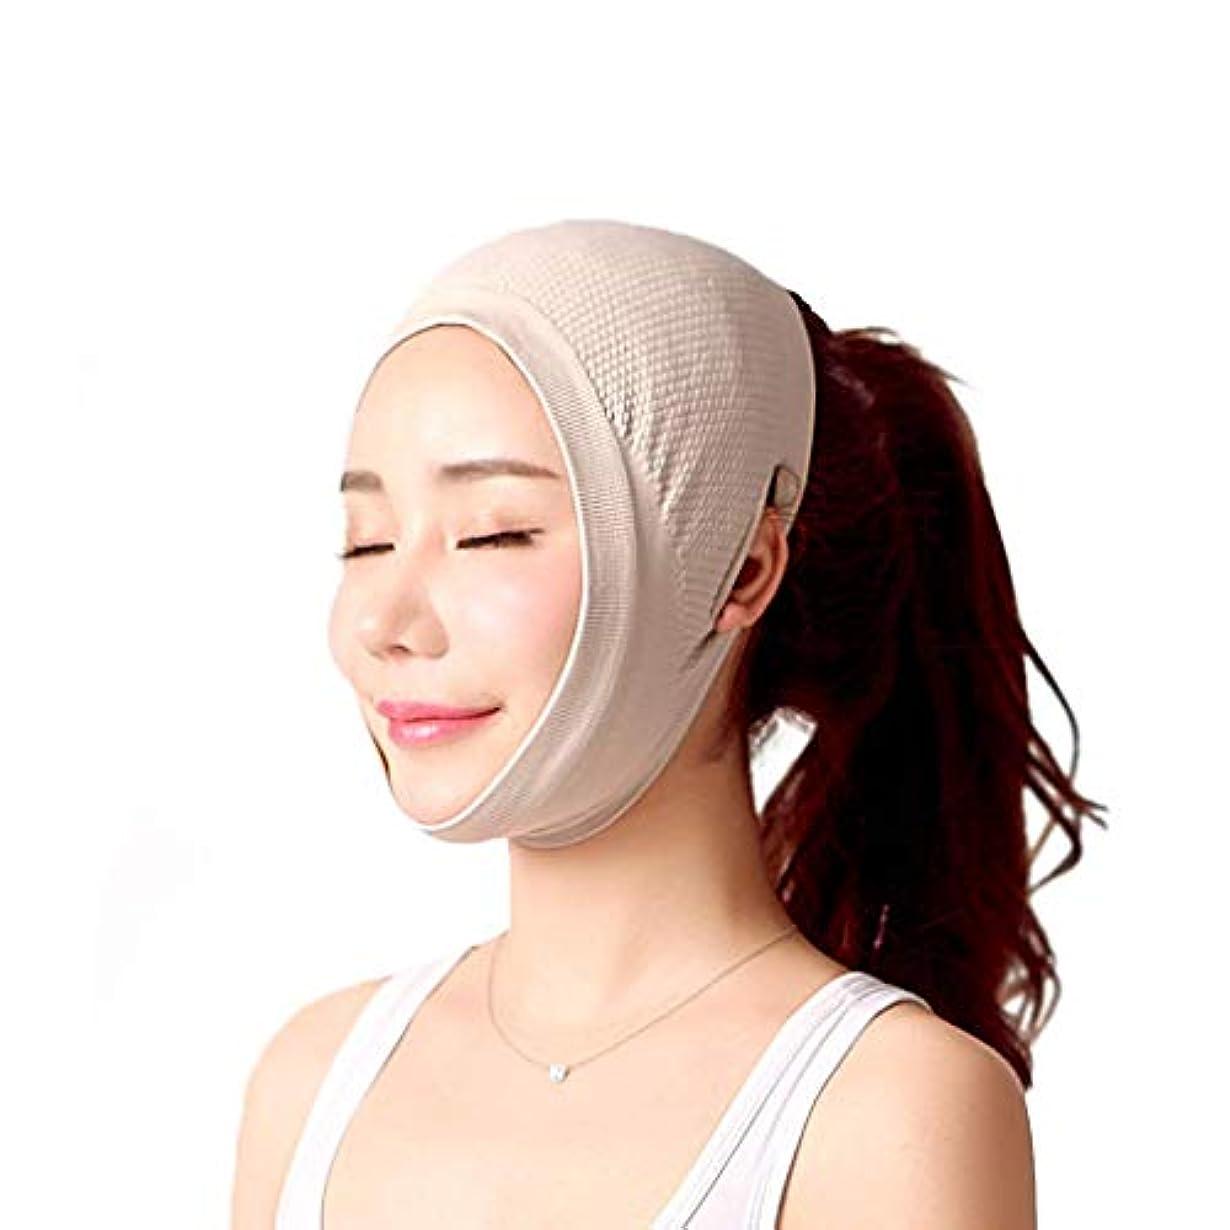 除去西豊かにする顔痩身包帯、二重あご、二重あごを減らすために顔を持ち上げる、顔を引き締める、体重を減らすためのマスク(ワンサイズ)